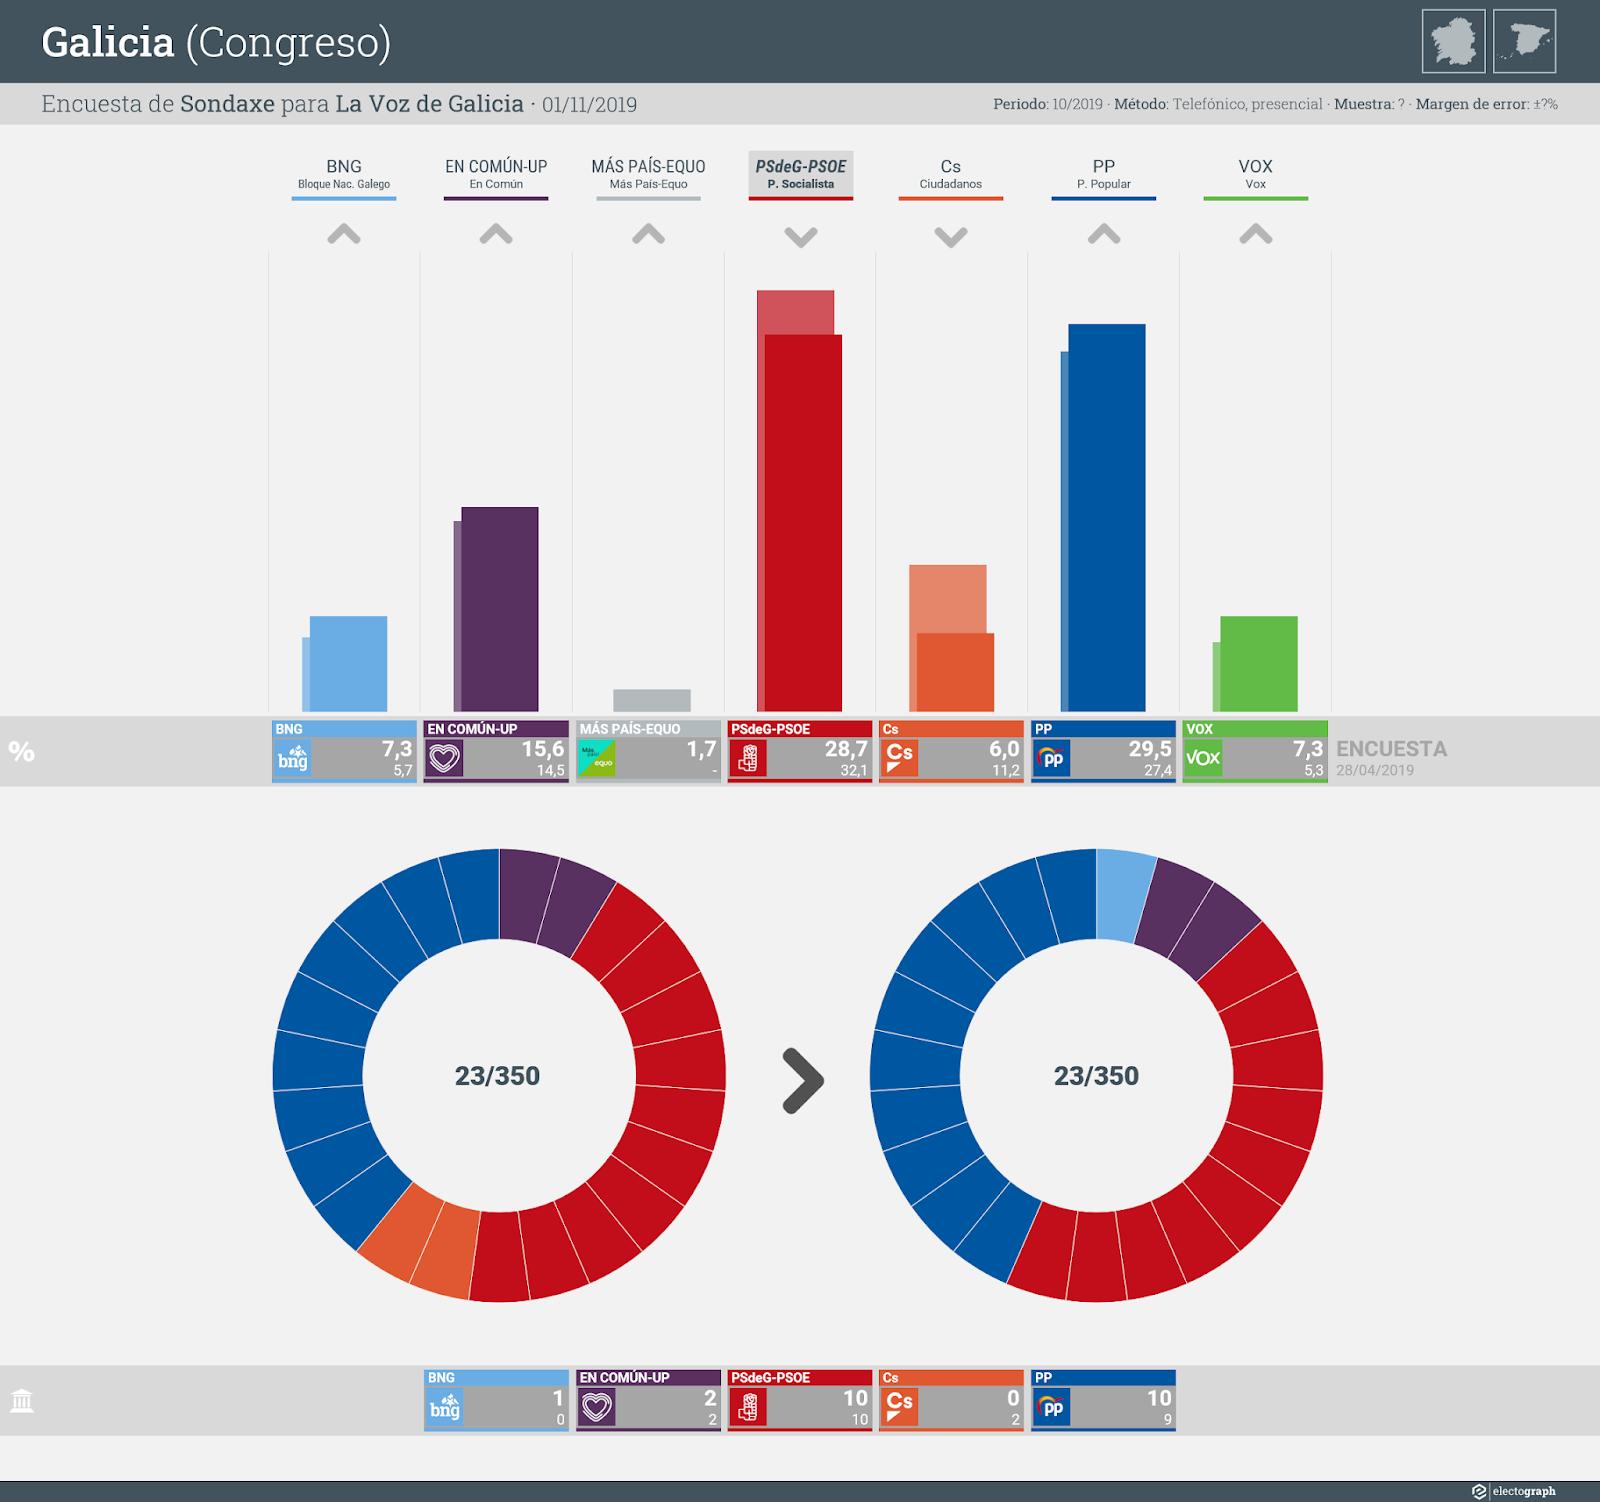 Gráfico de la encuesta para elecciones generales en Galicia realizada por Sondaxe para La Voz de Galicia, 1 de noviembre de 2019